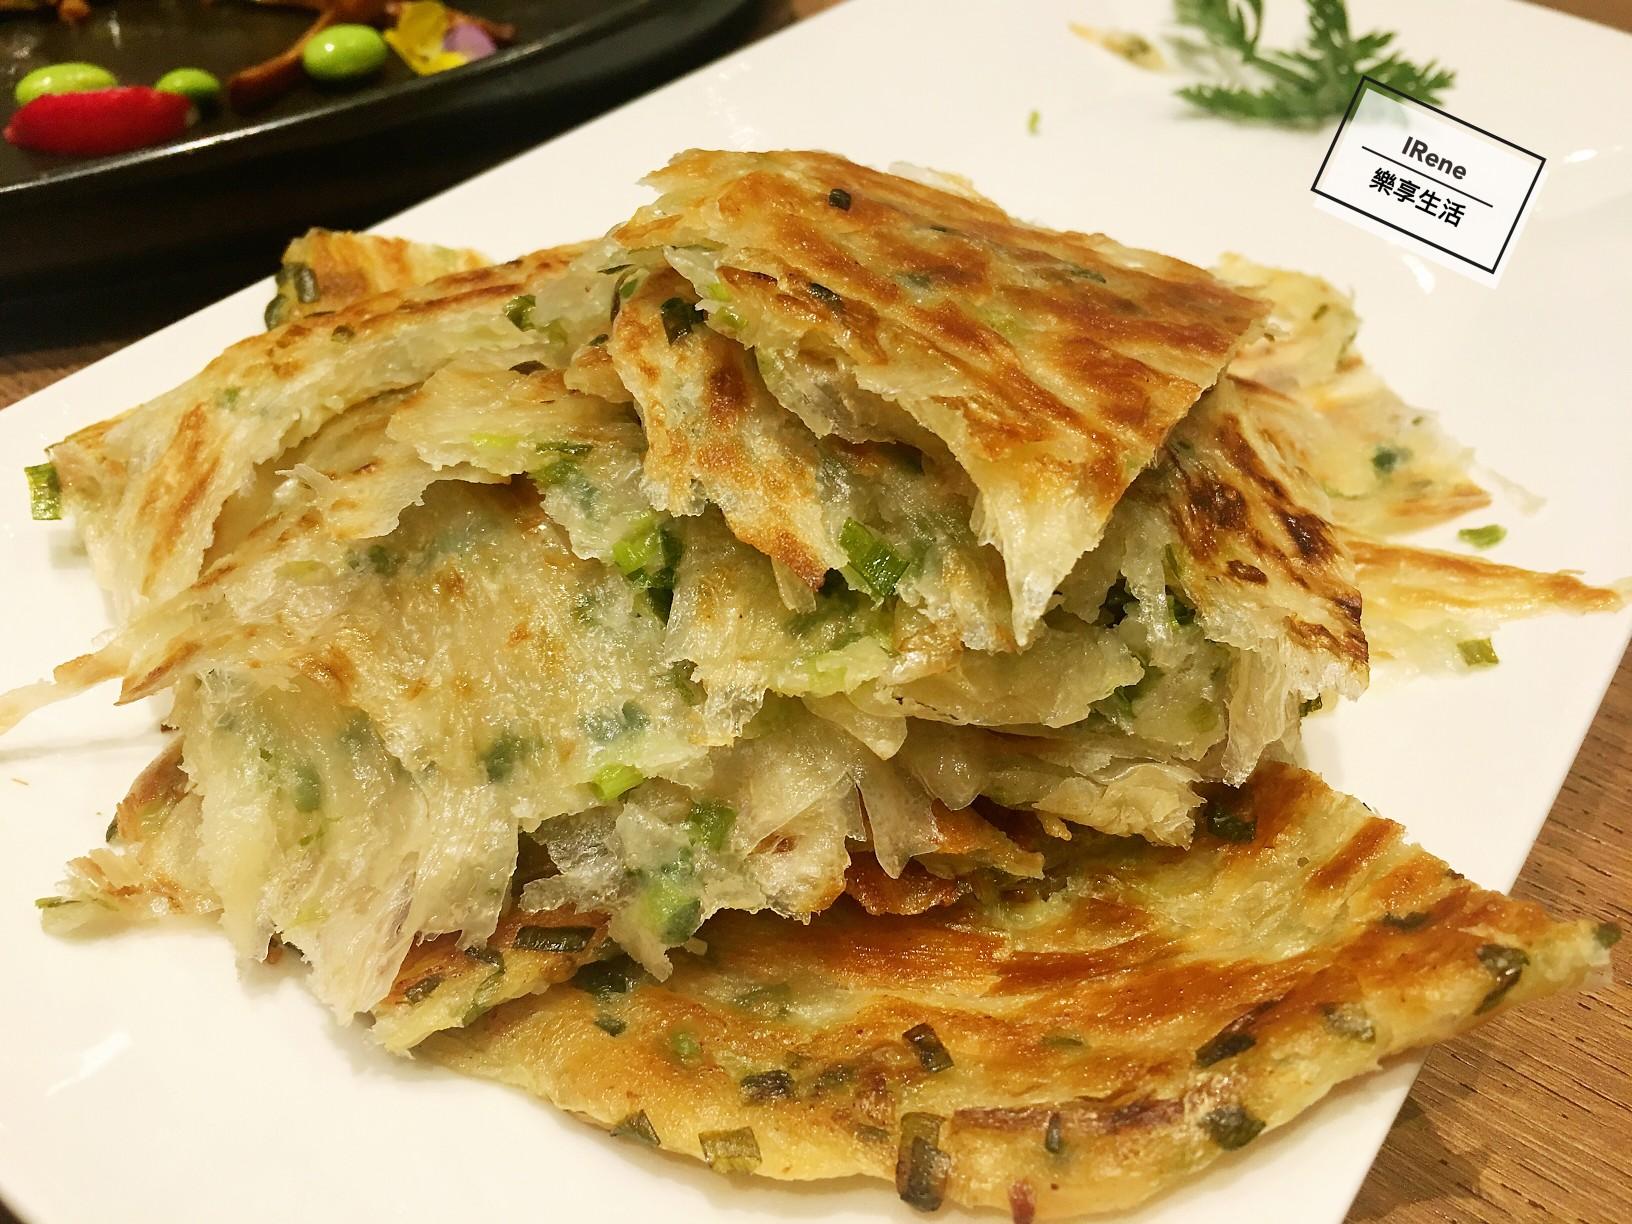 上海小南國餐廳推薦菜-特色蔥油餅